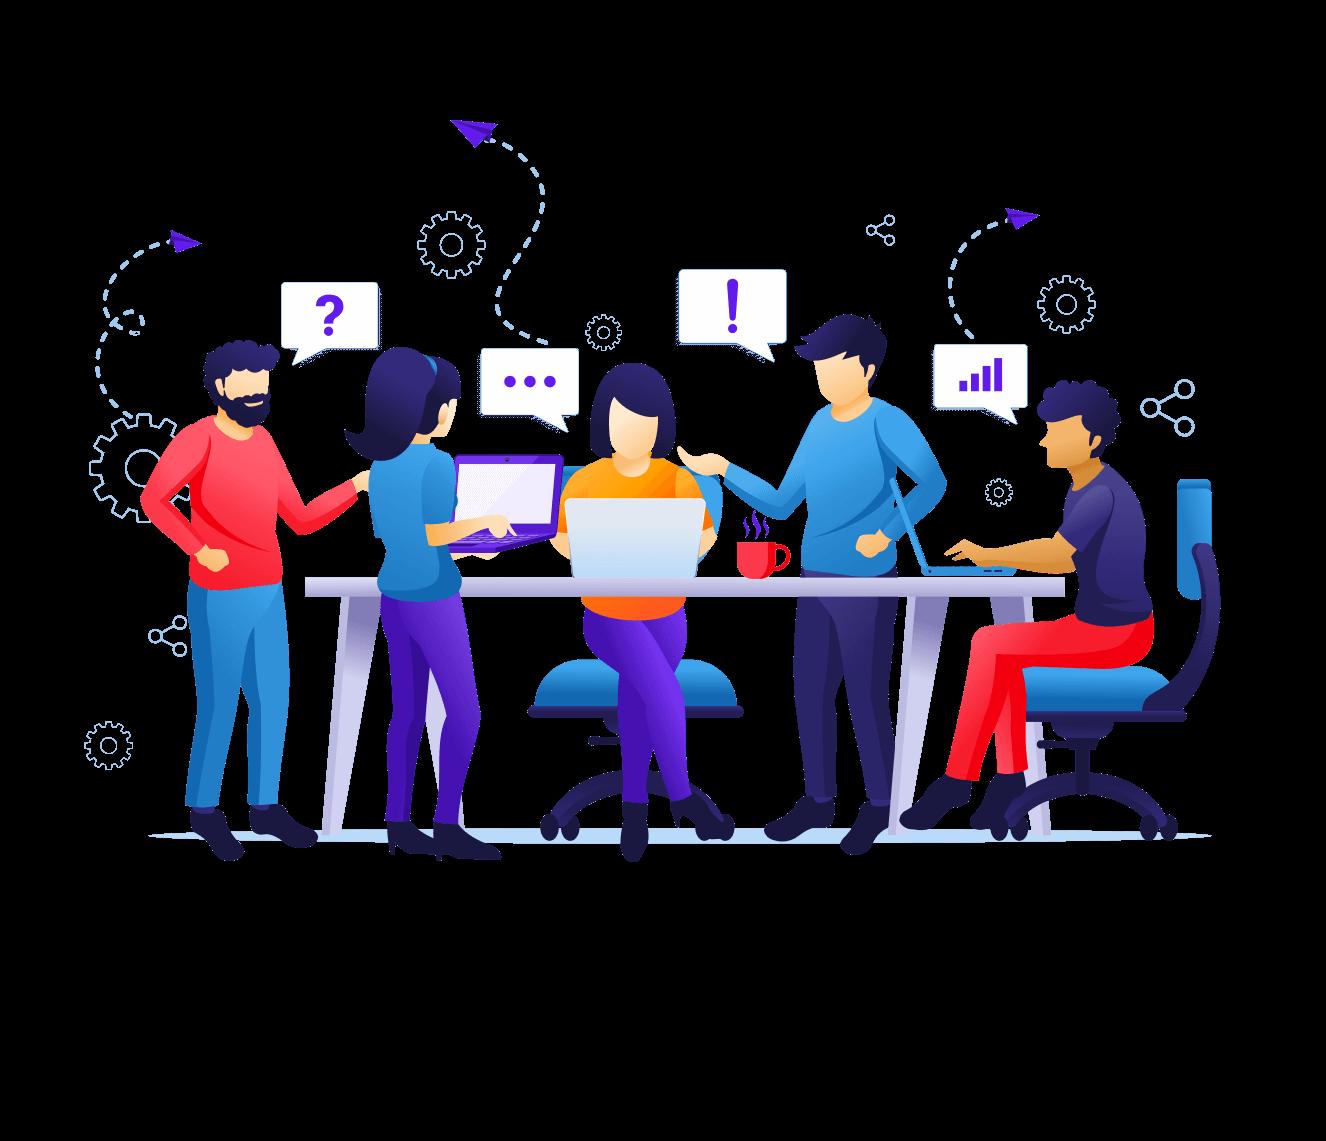 team-work-illustration